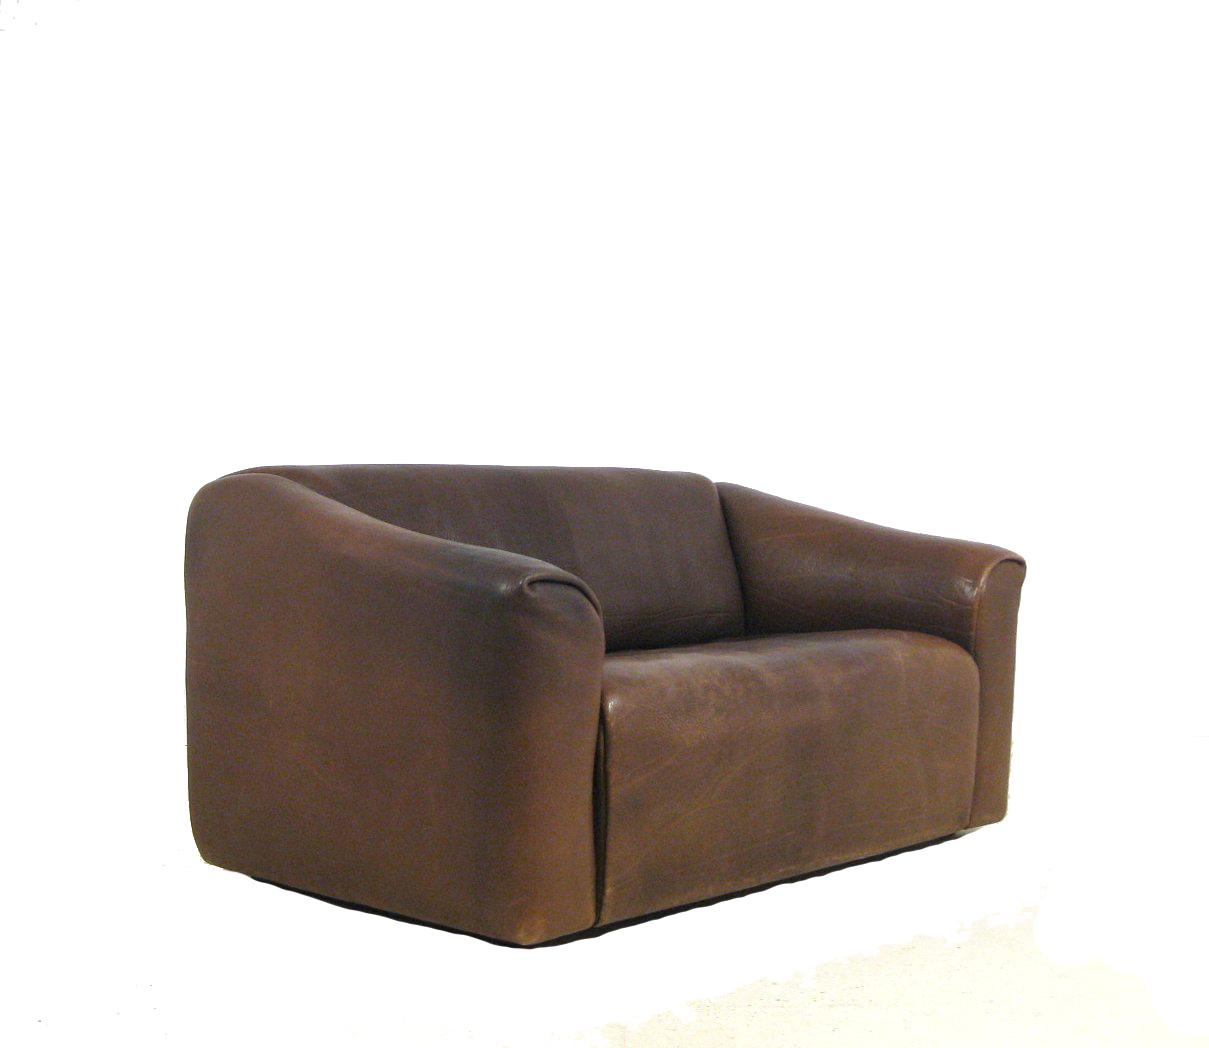 de sede fully upholstered in leather lauritzblog. Black Bedroom Furniture Sets. Home Design Ideas